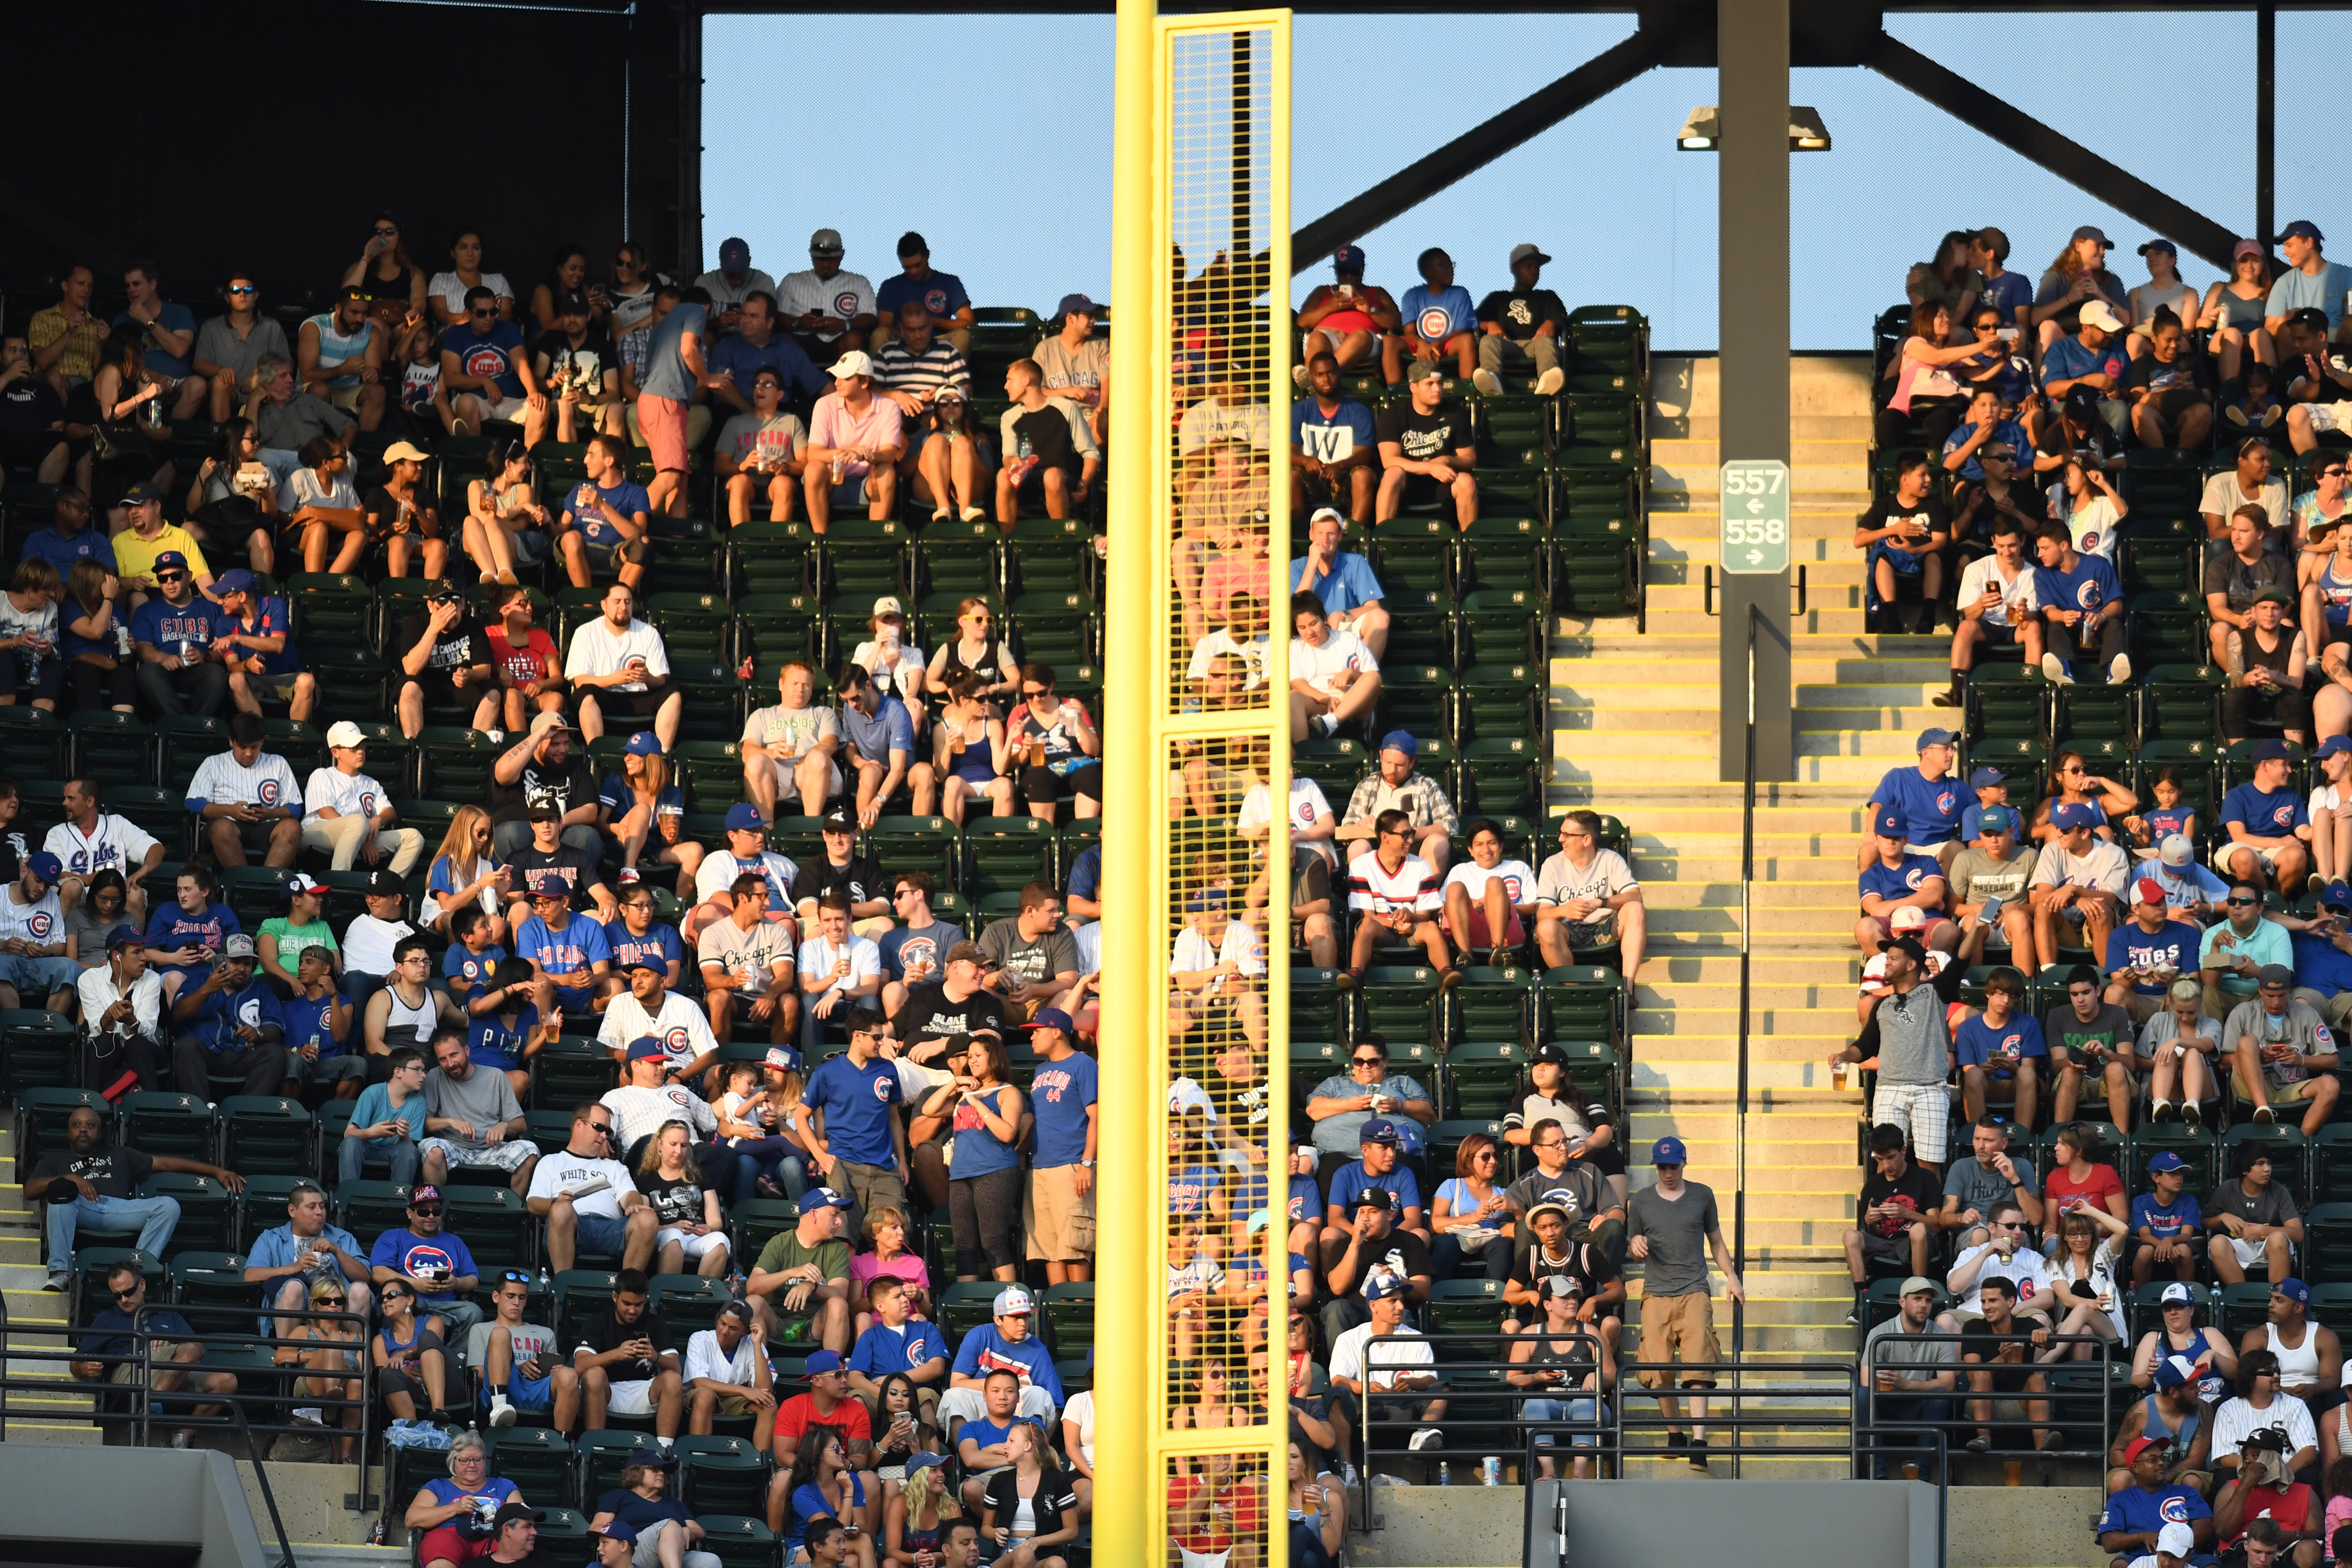 MLB: JUL 26 Cubs at White Sox